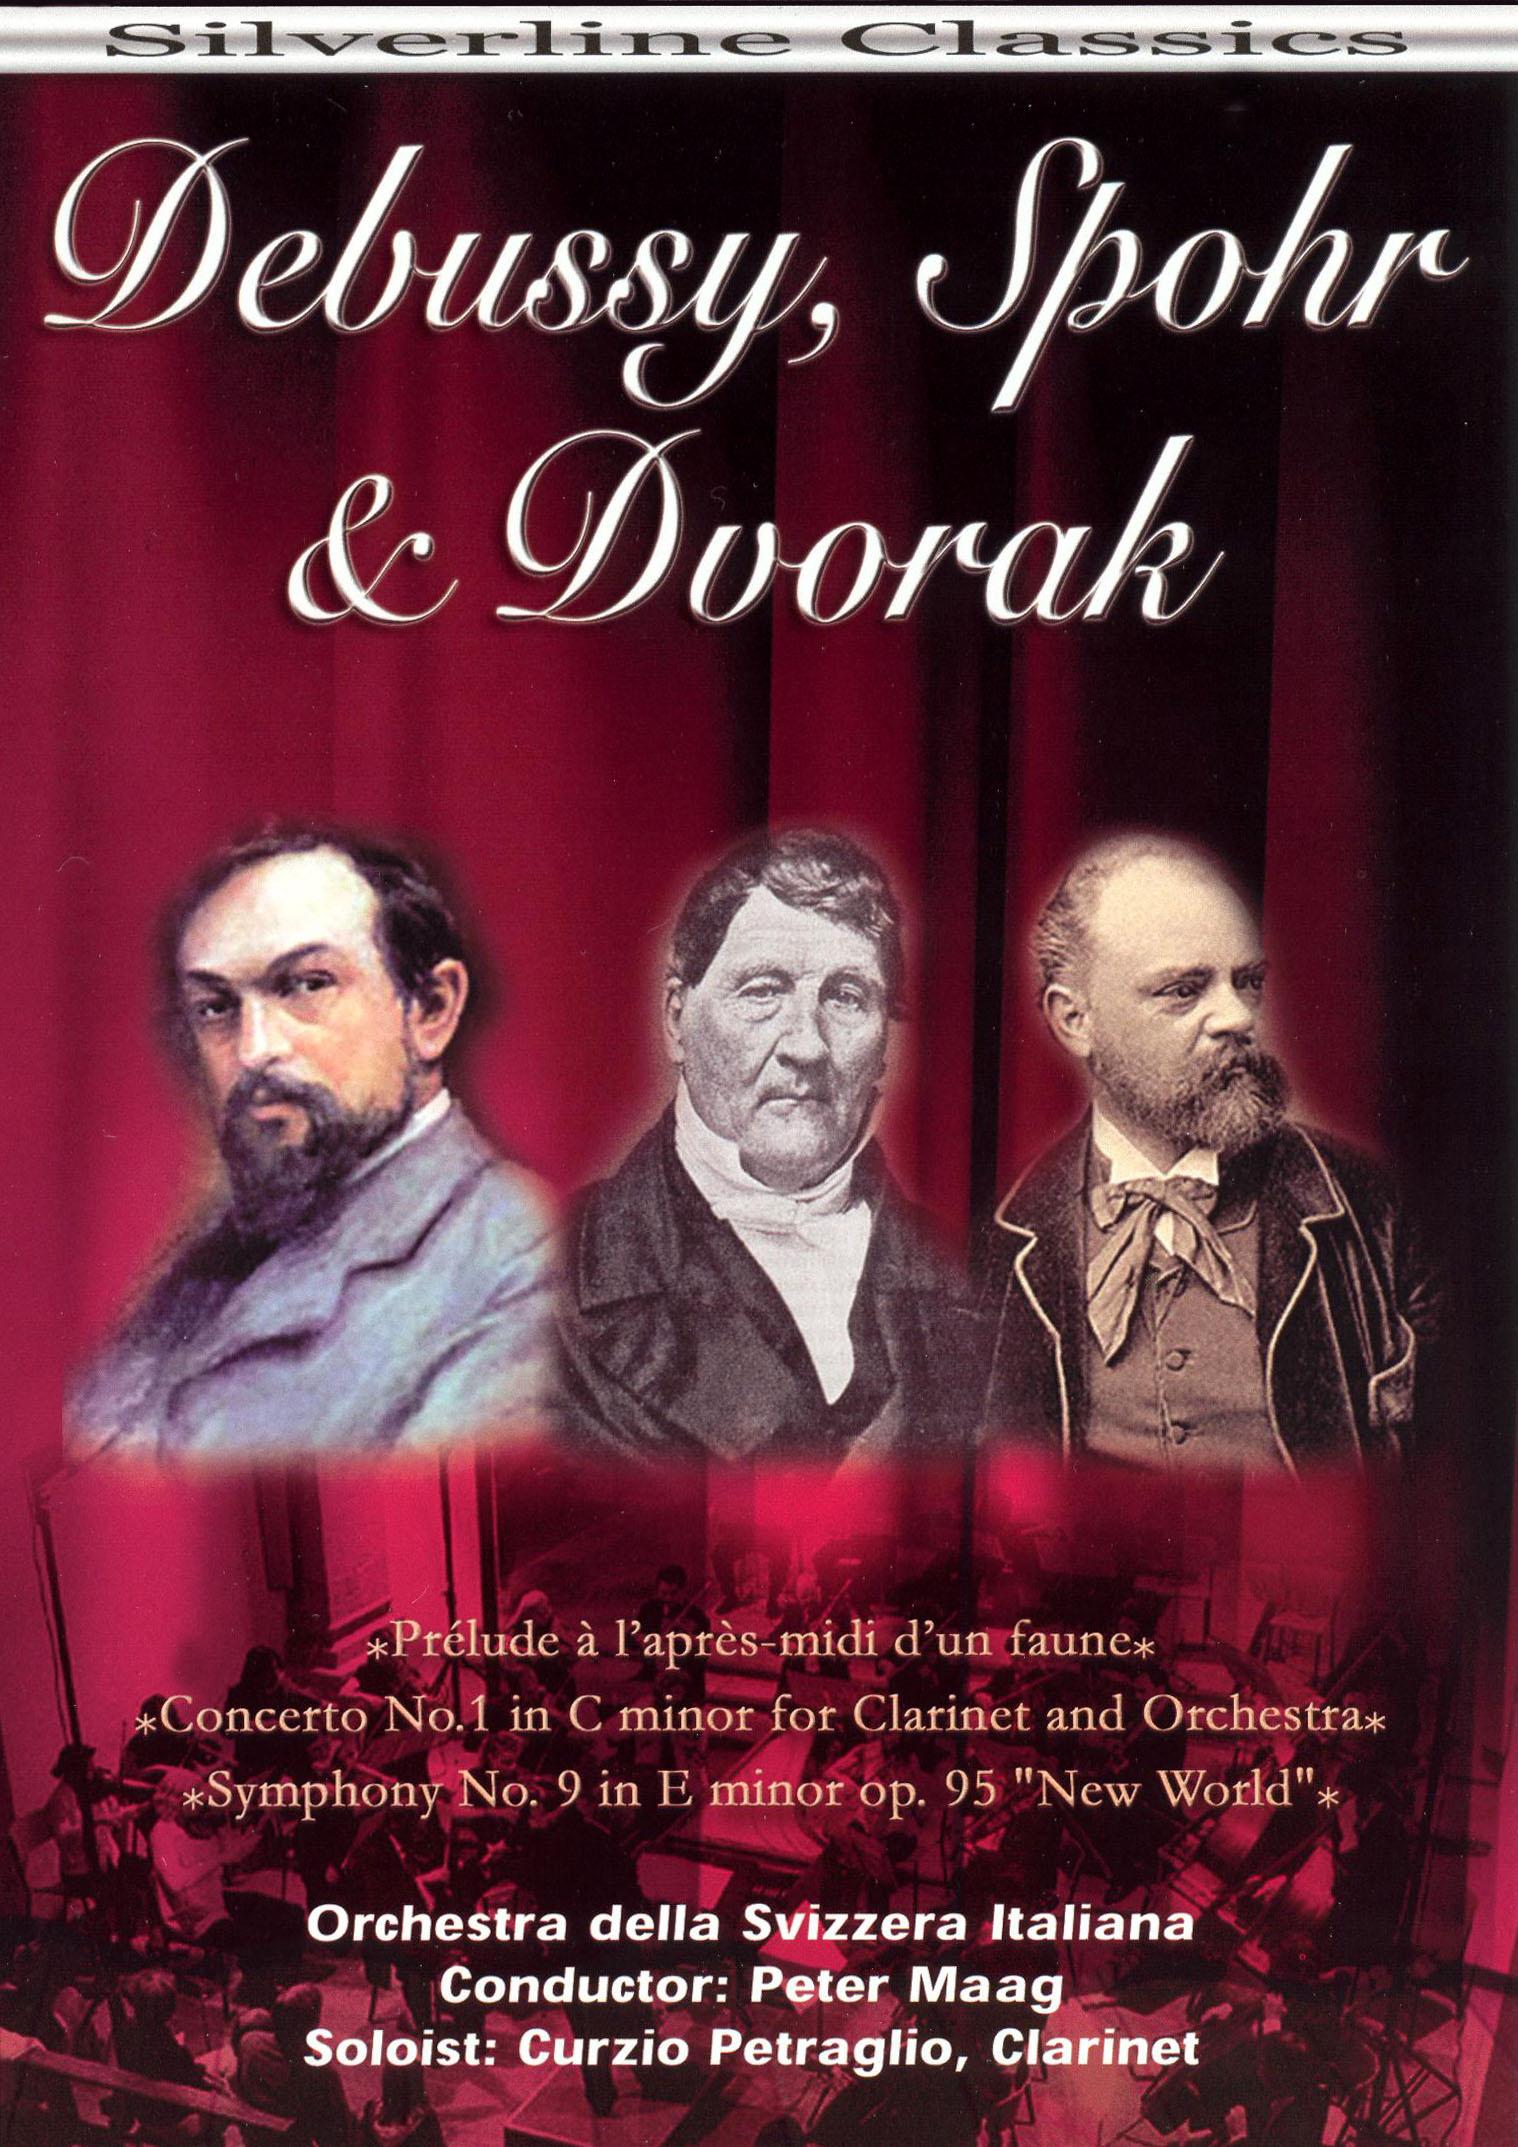 Debussy, Spohr & Dvorak